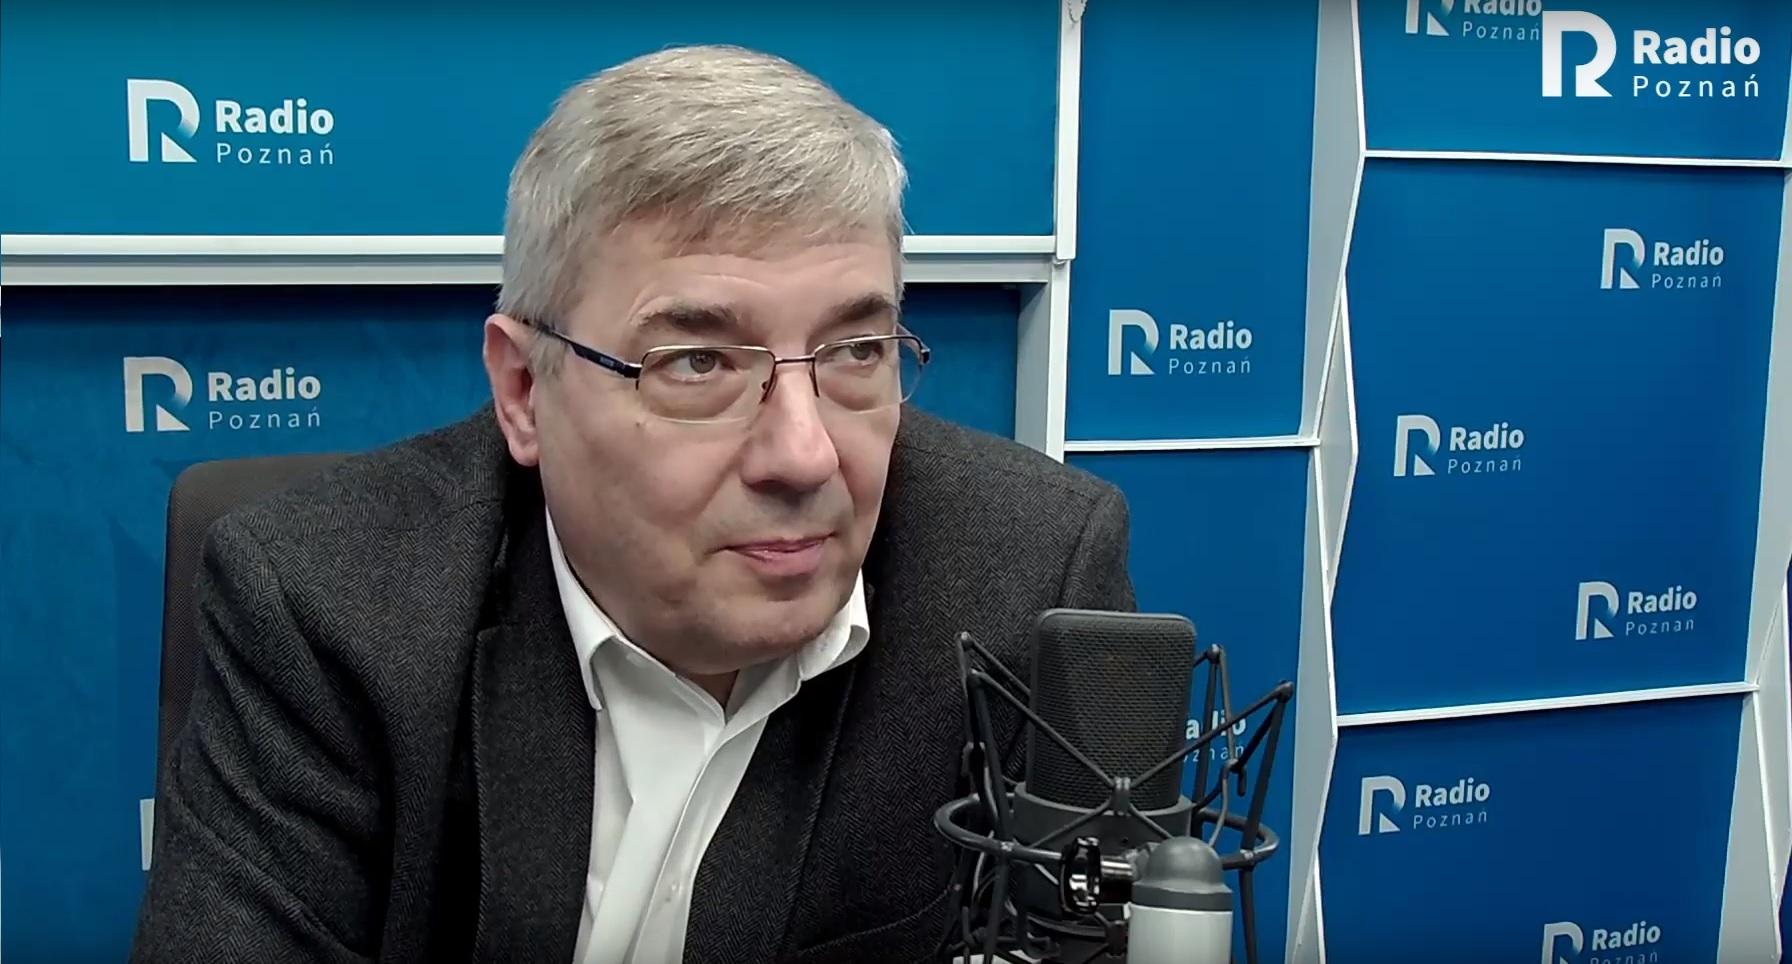 grzegorz ganowicz kluczowy temat - Radio Poznań